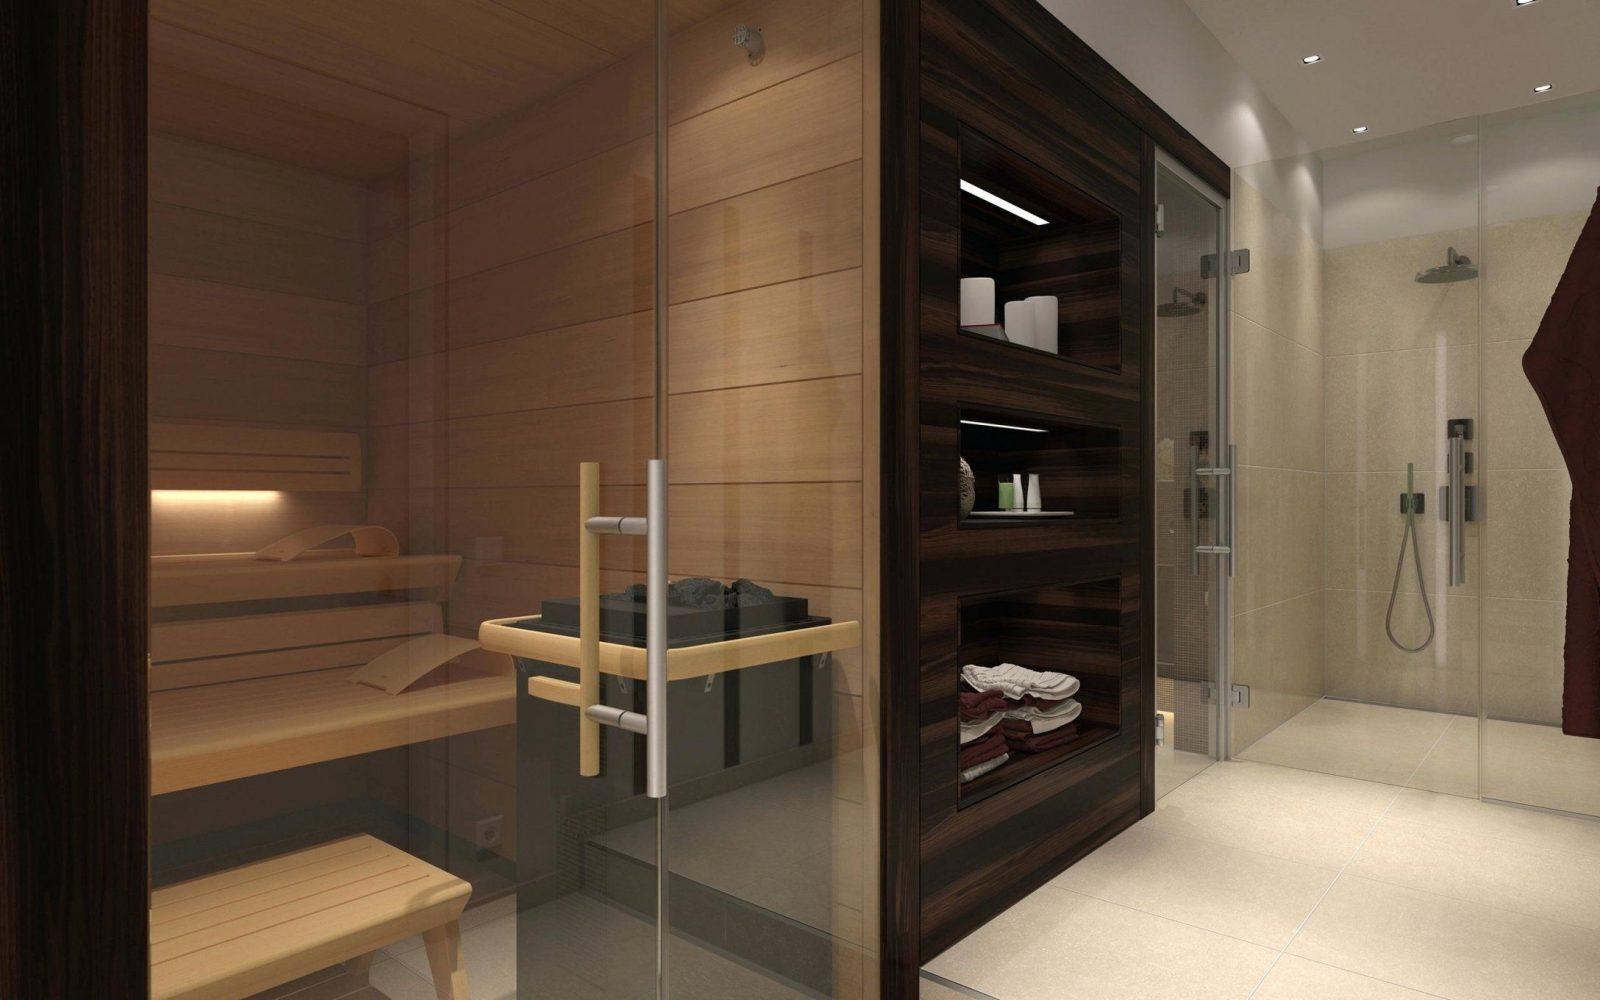 Sauna Im Keller Kosten Dammen Schimmel Was Muss Man Beachten von Sauna Im Keller Schimmel Photo